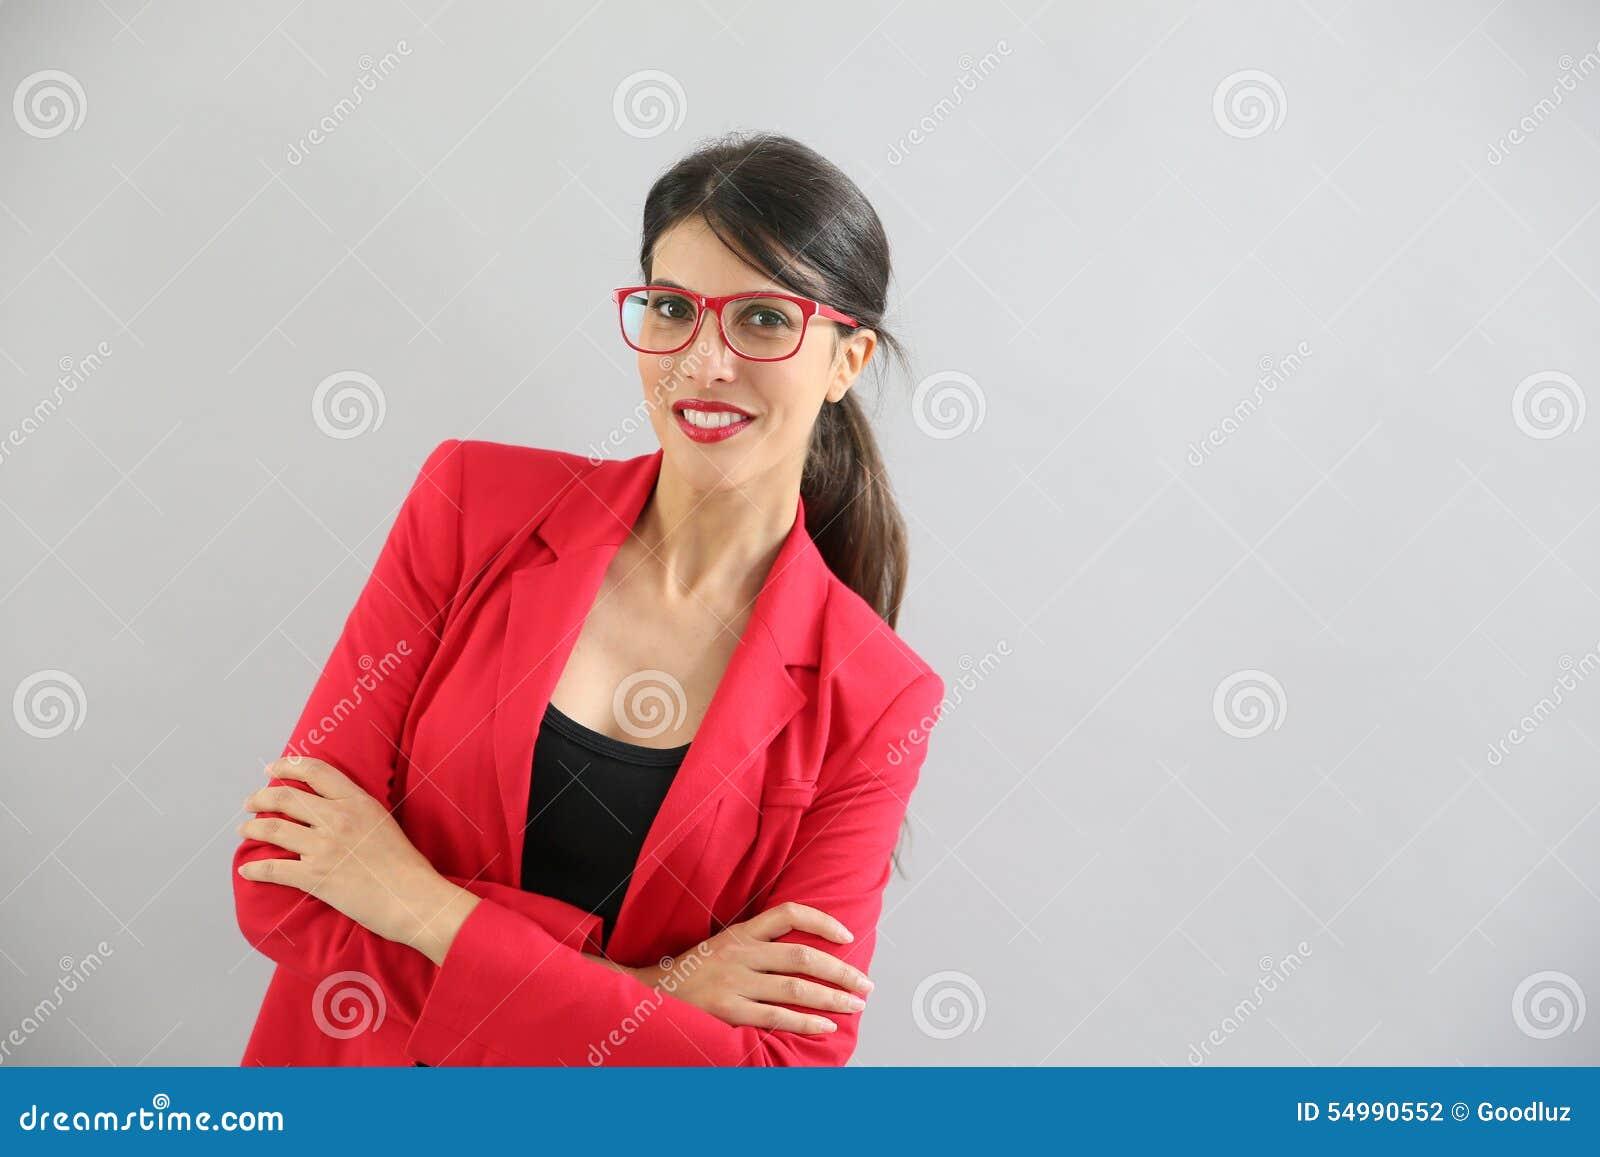 Stående av den unga kvinnan i rött omslag och rött glasögon